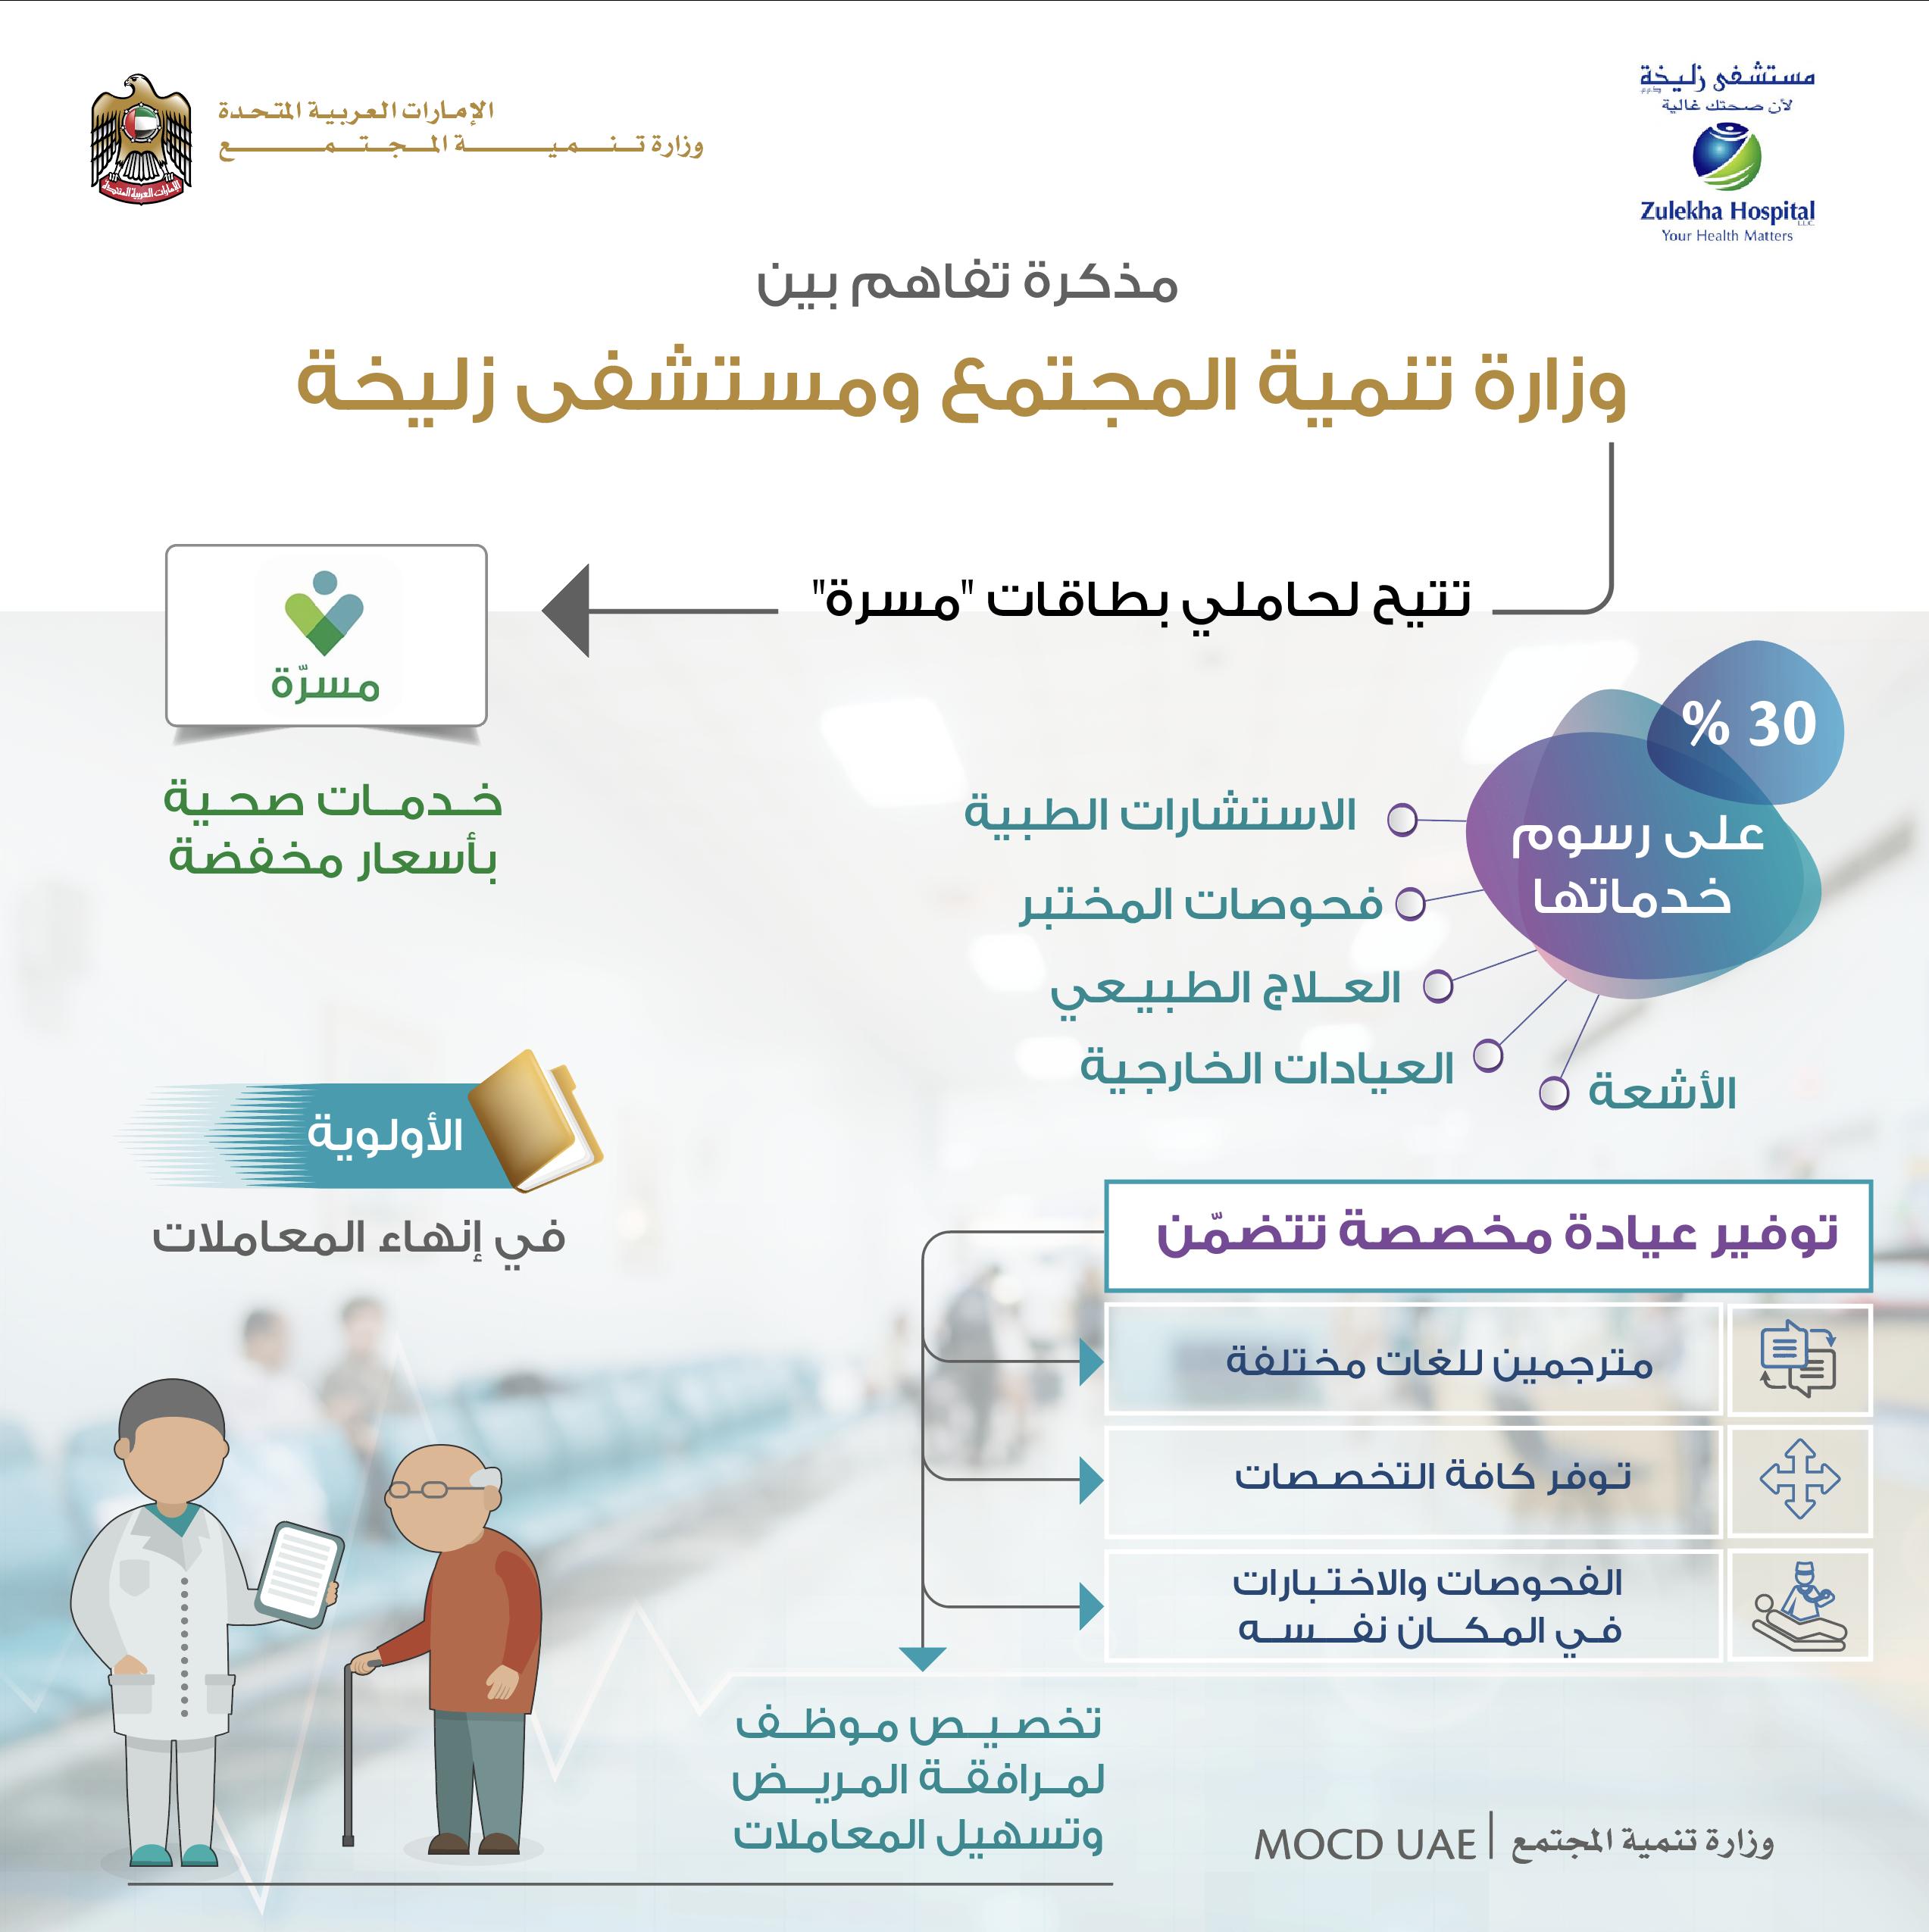 """""""تنمية المجتمع"""" توقع اتفاقية مع مستشفى زليخة لتقديم تسهيلات  لحاملي """"مسرة"""". 1"""